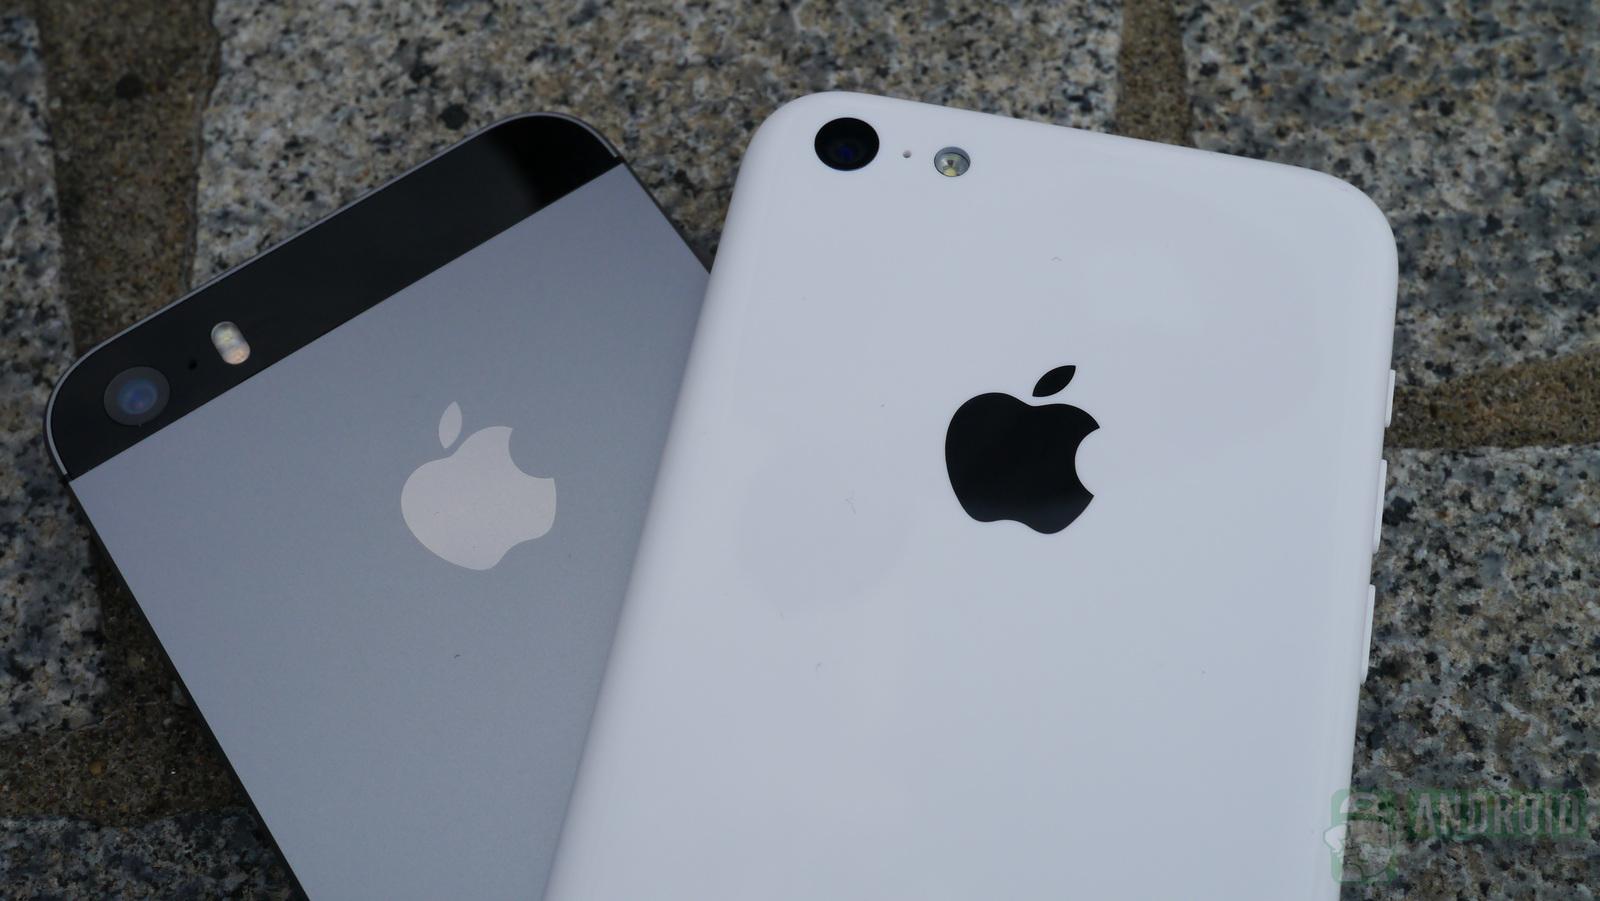 iphone5c-vs-iphone5s